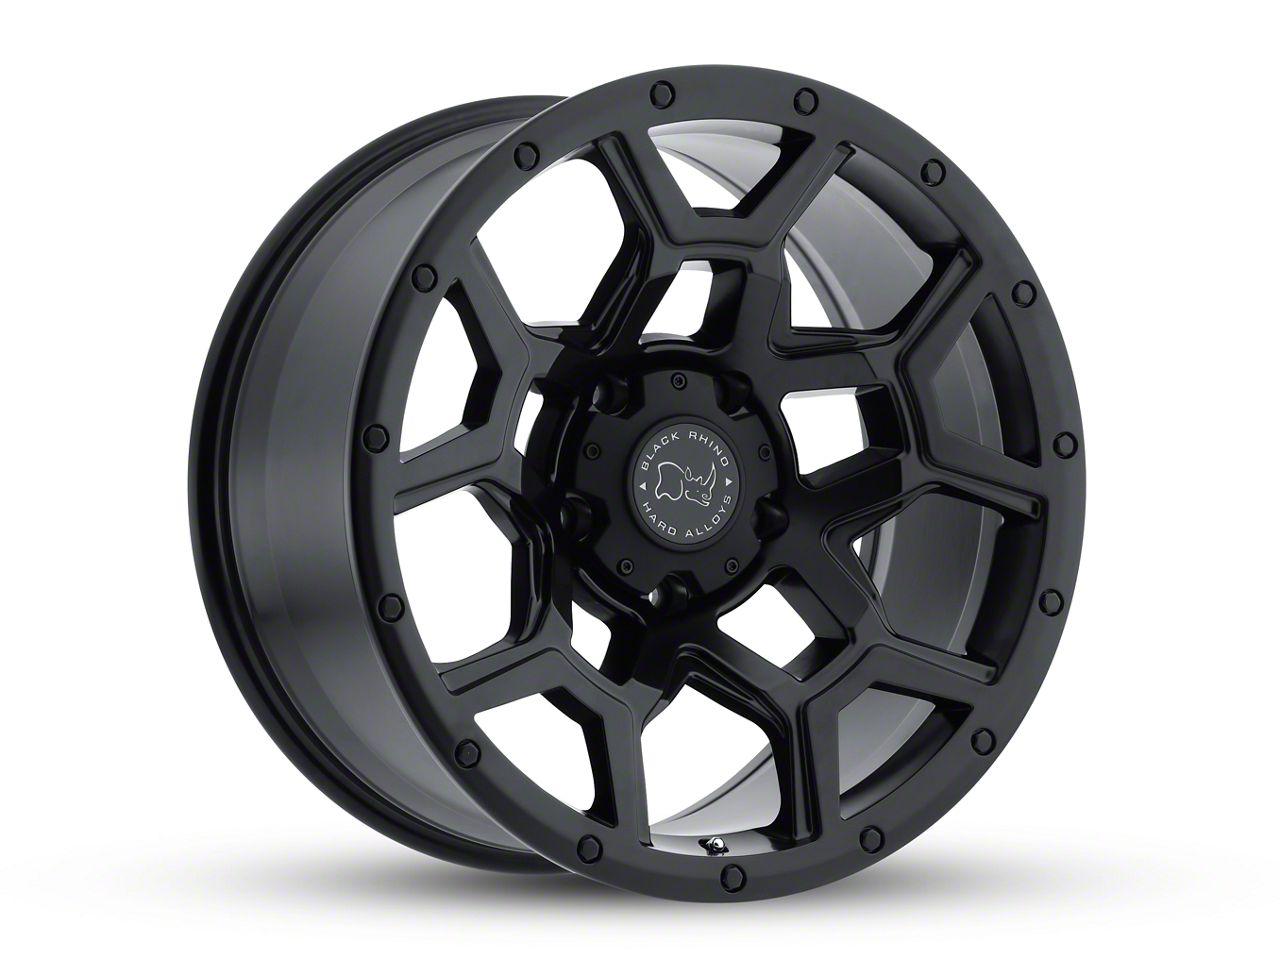 Black Rhino Overland Matte Black 6-Lug Wheel - 18x9.5 (99-18 Silverado 1500)